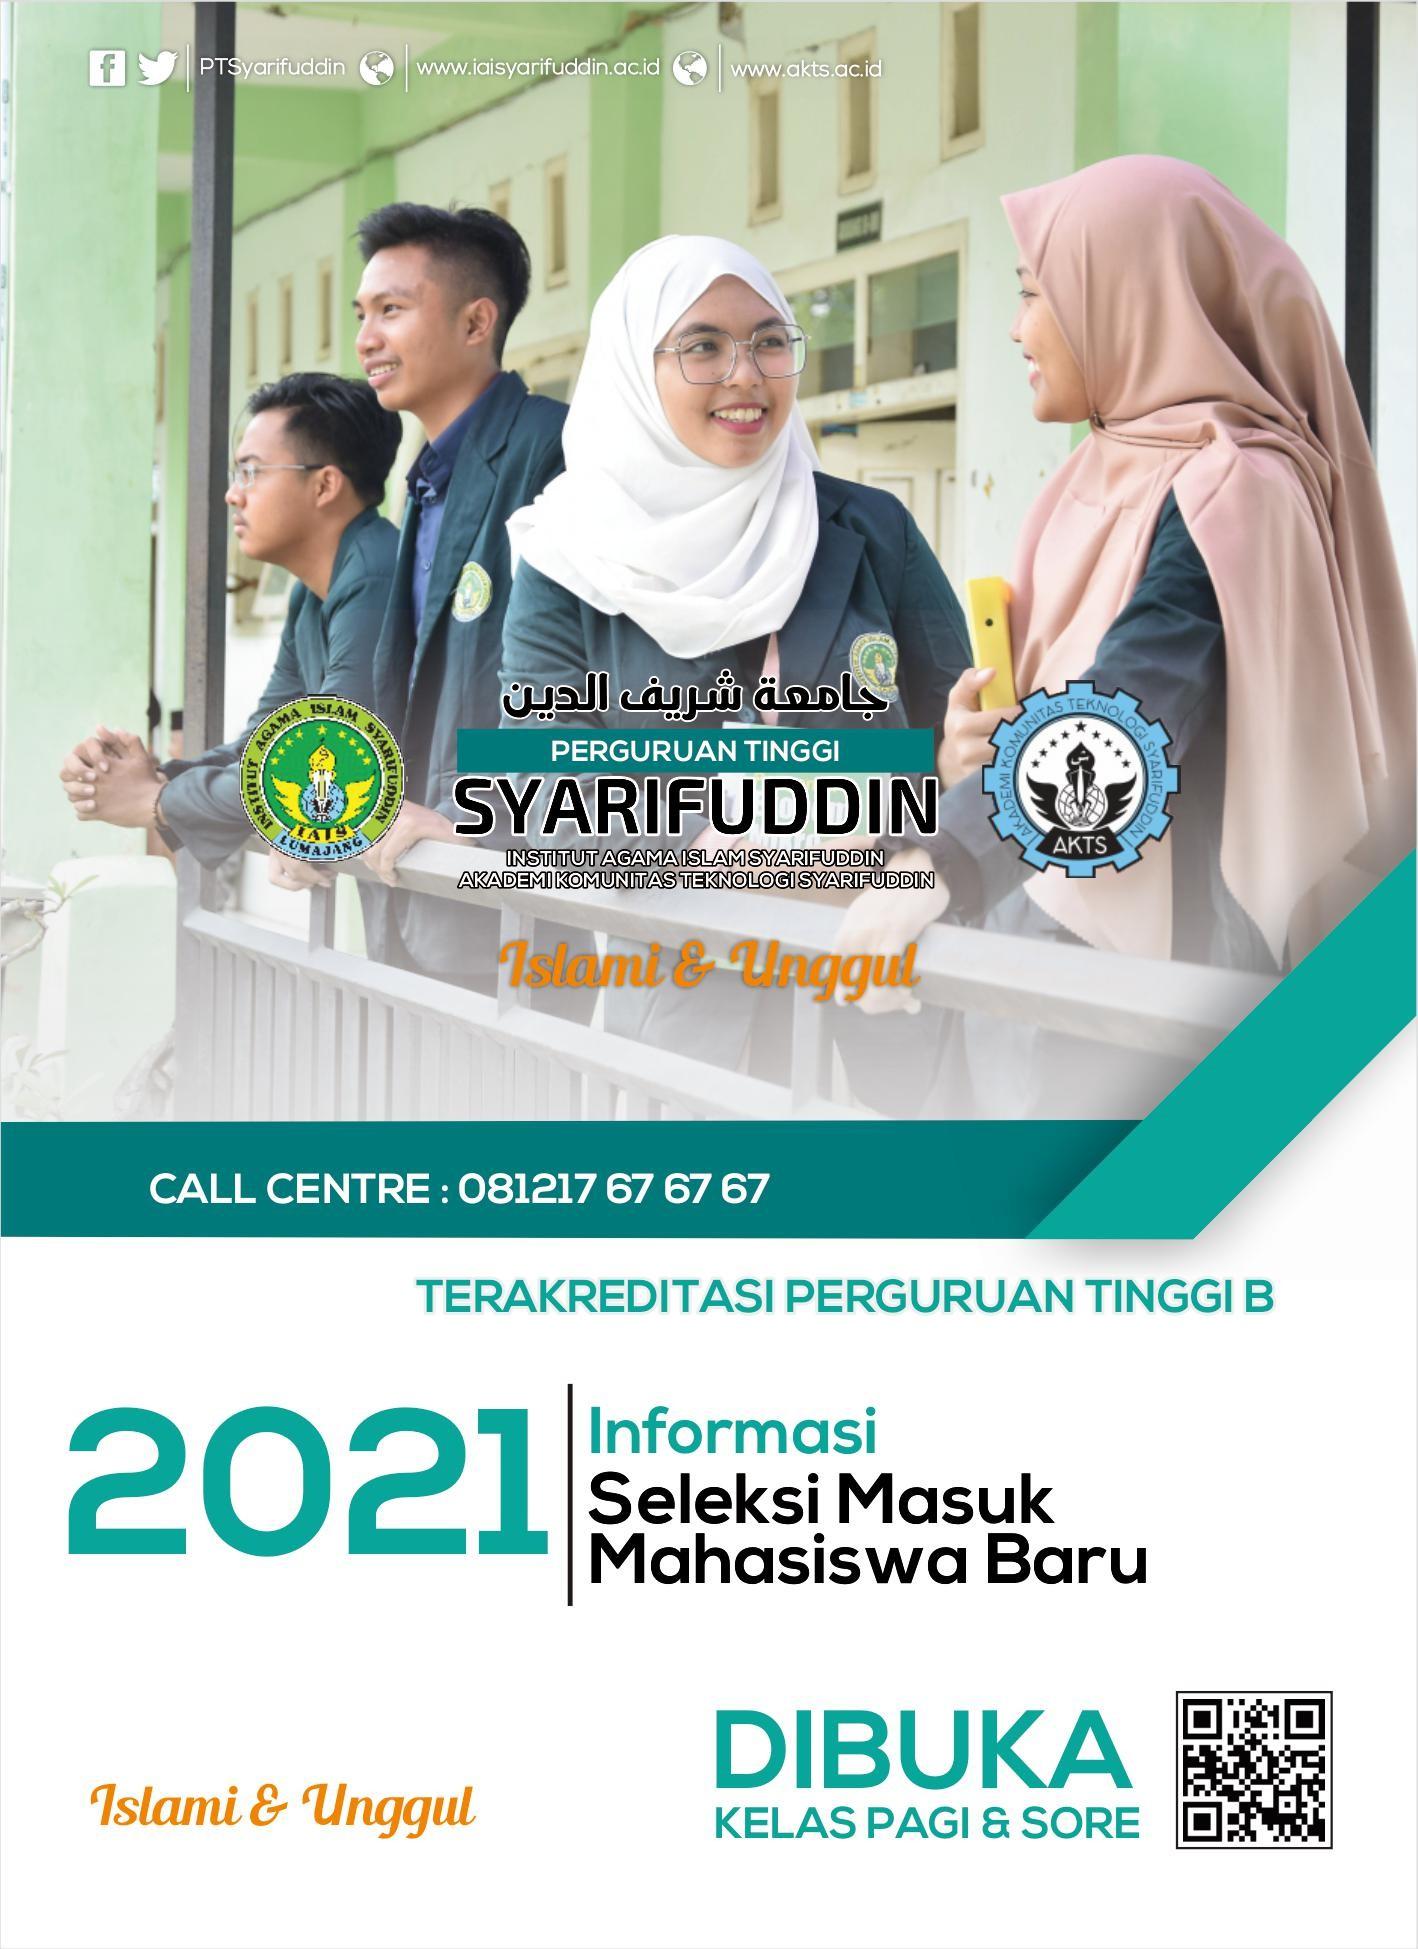 Pendaftaran Mahasiswa Baru Perguruan Tinggi Syarifuddin, Dibuka Kelas Pagi dan Sore